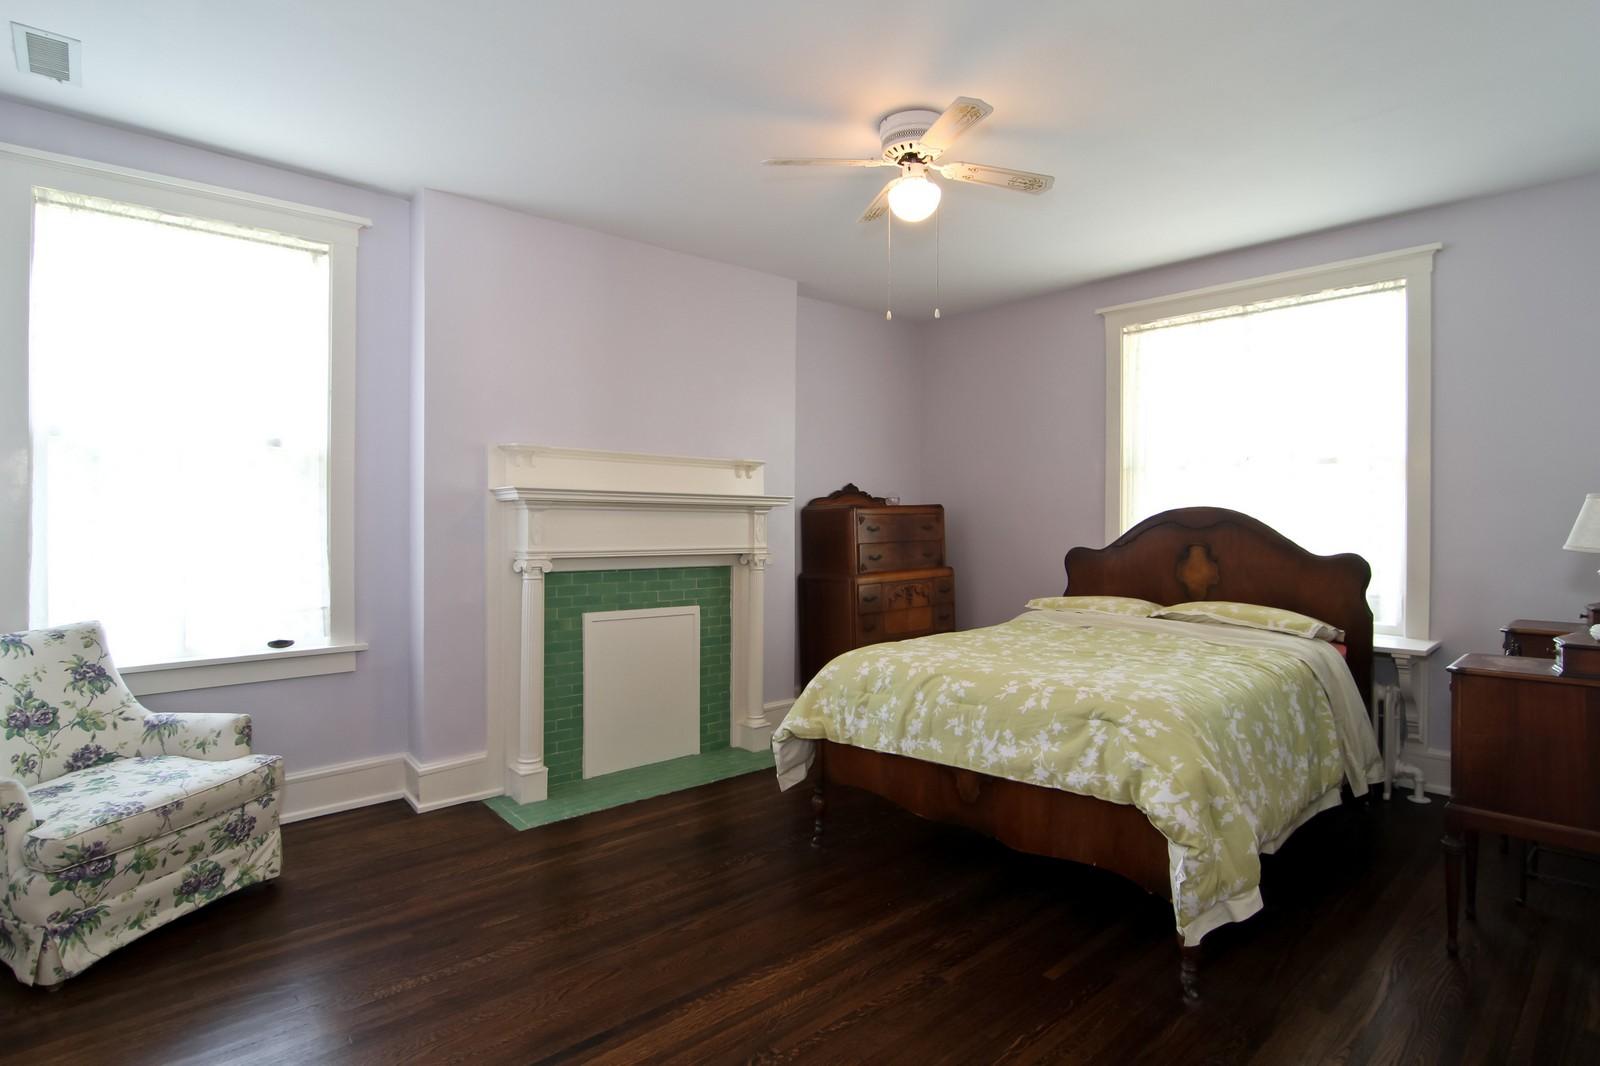 Real Estate Photography - 239 6th Avenue, La Grange, IL, 60525 - Master Bedroom